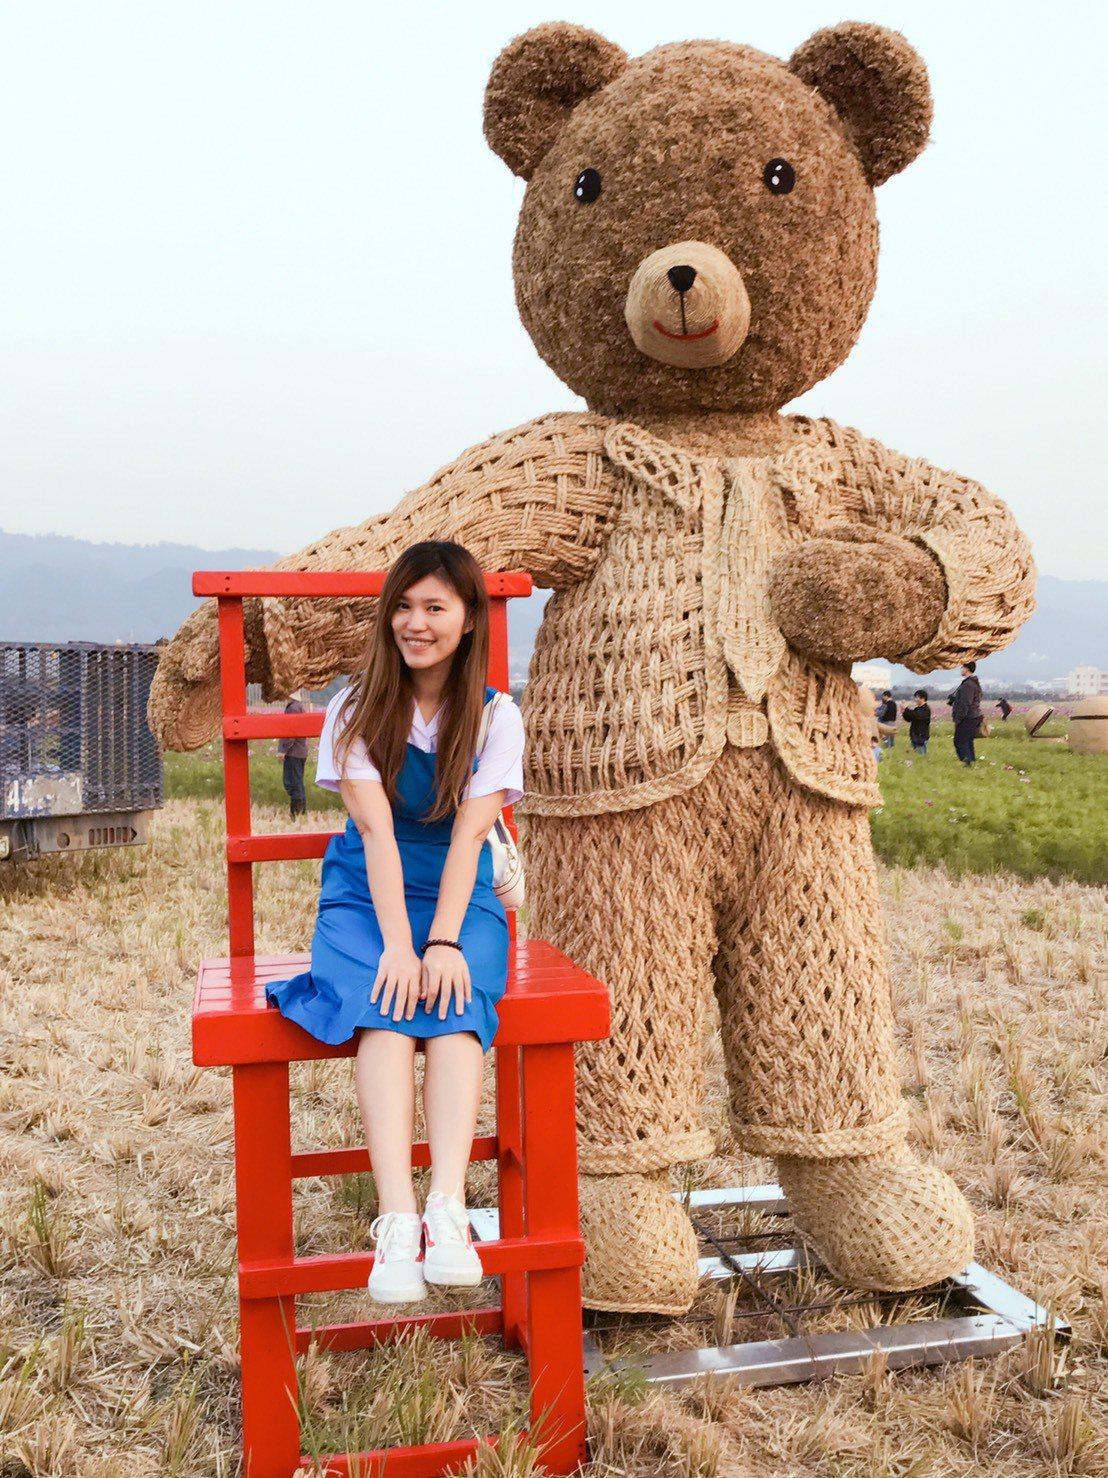 可愛的熊熊稻草人吸引許多民眾提早來搶拍,有線電視主持人楚庭開心在自己的家鄉拍美照...